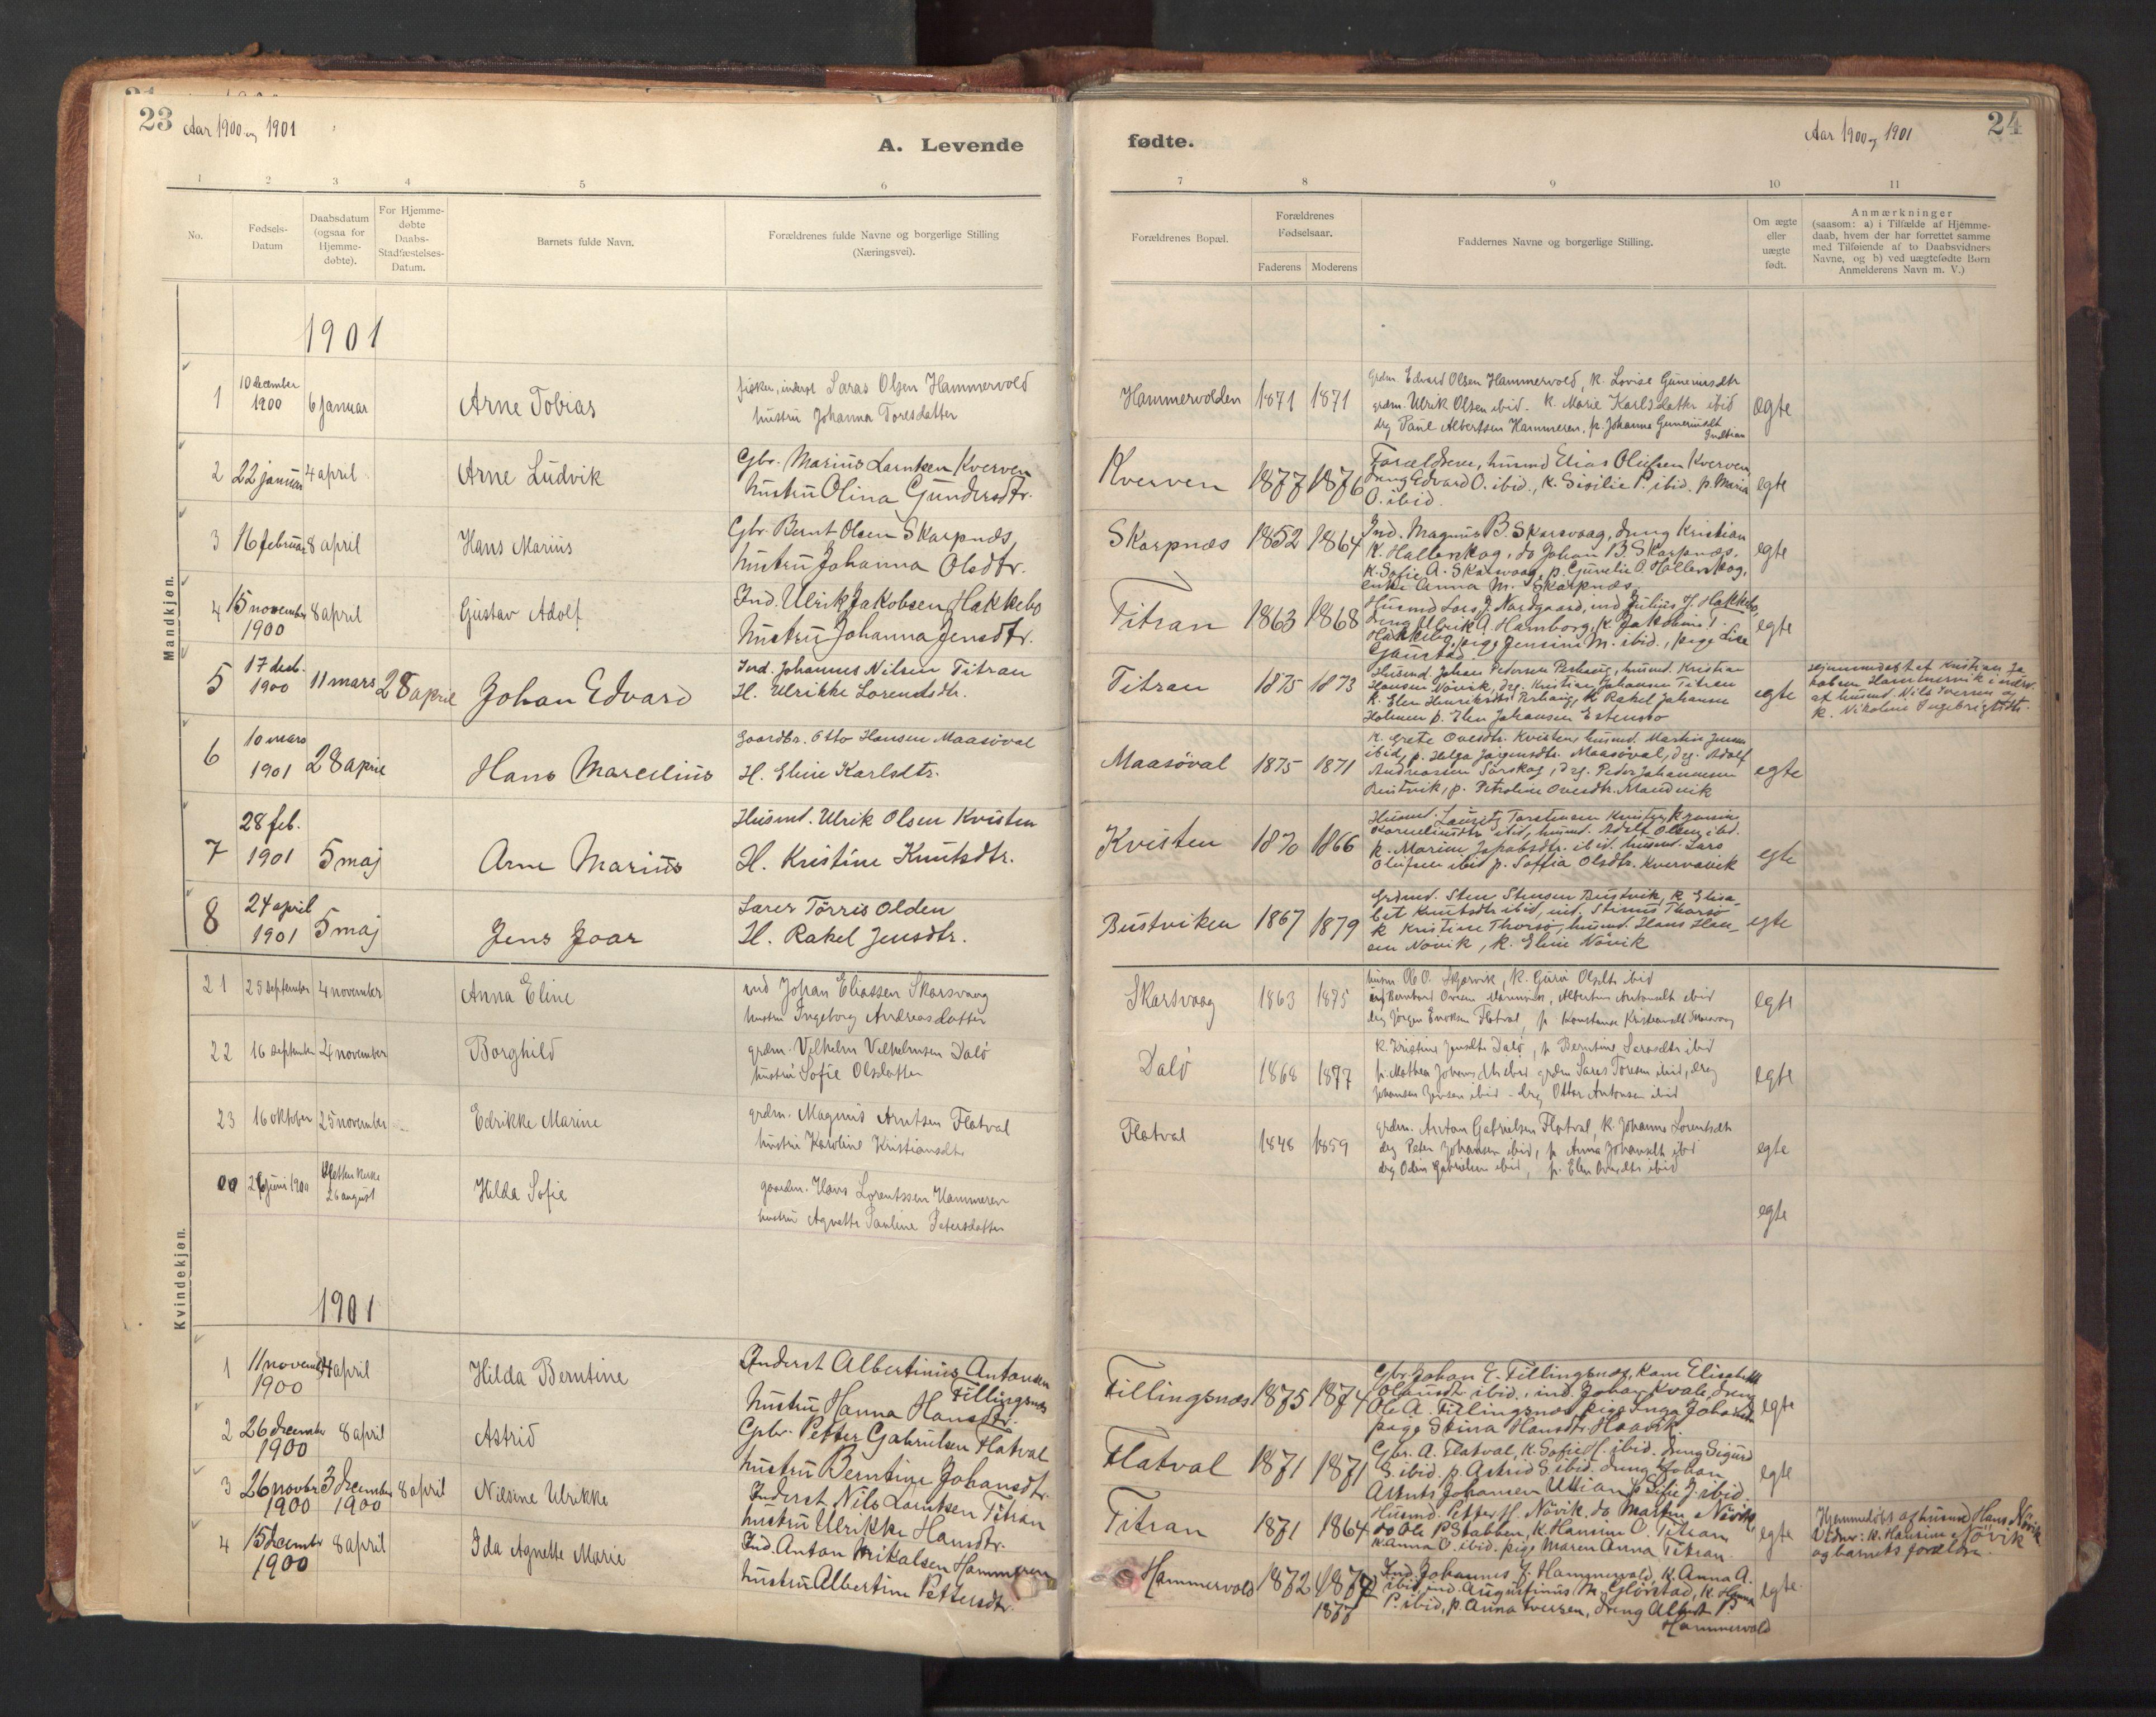 SAT, Ministerialprotokoller, klokkerbøker og fødselsregistre - Sør-Trøndelag, 641/L0596: Ministerialbok nr. 641A02, 1898-1915, s. 23-24